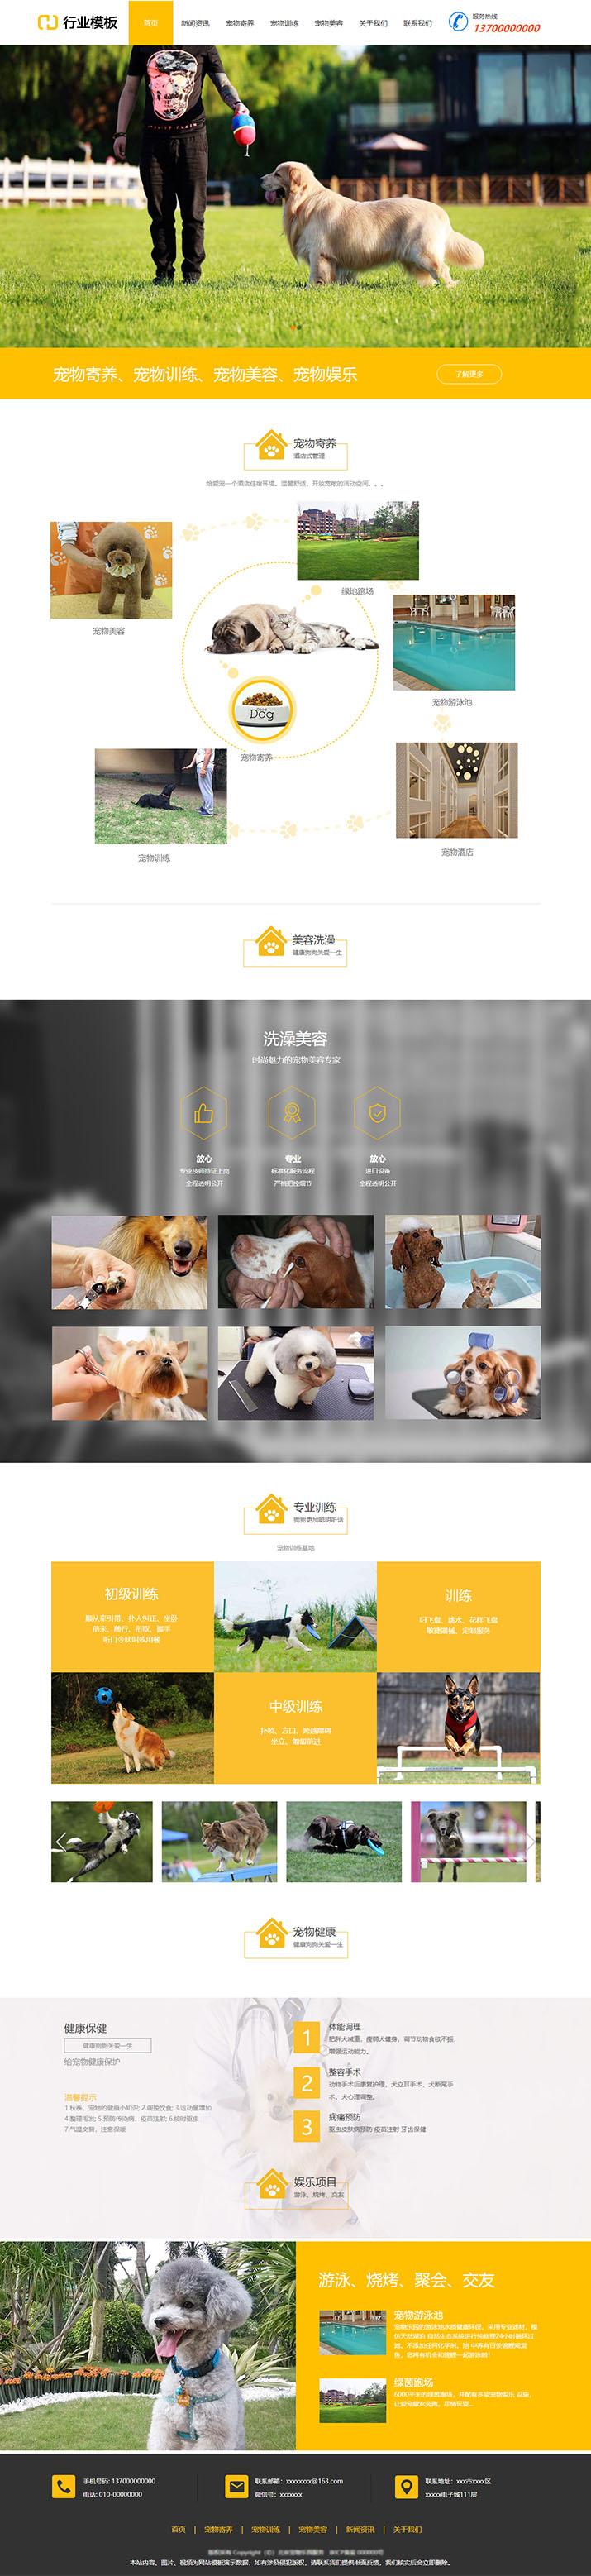 专业宠物机构企业模板